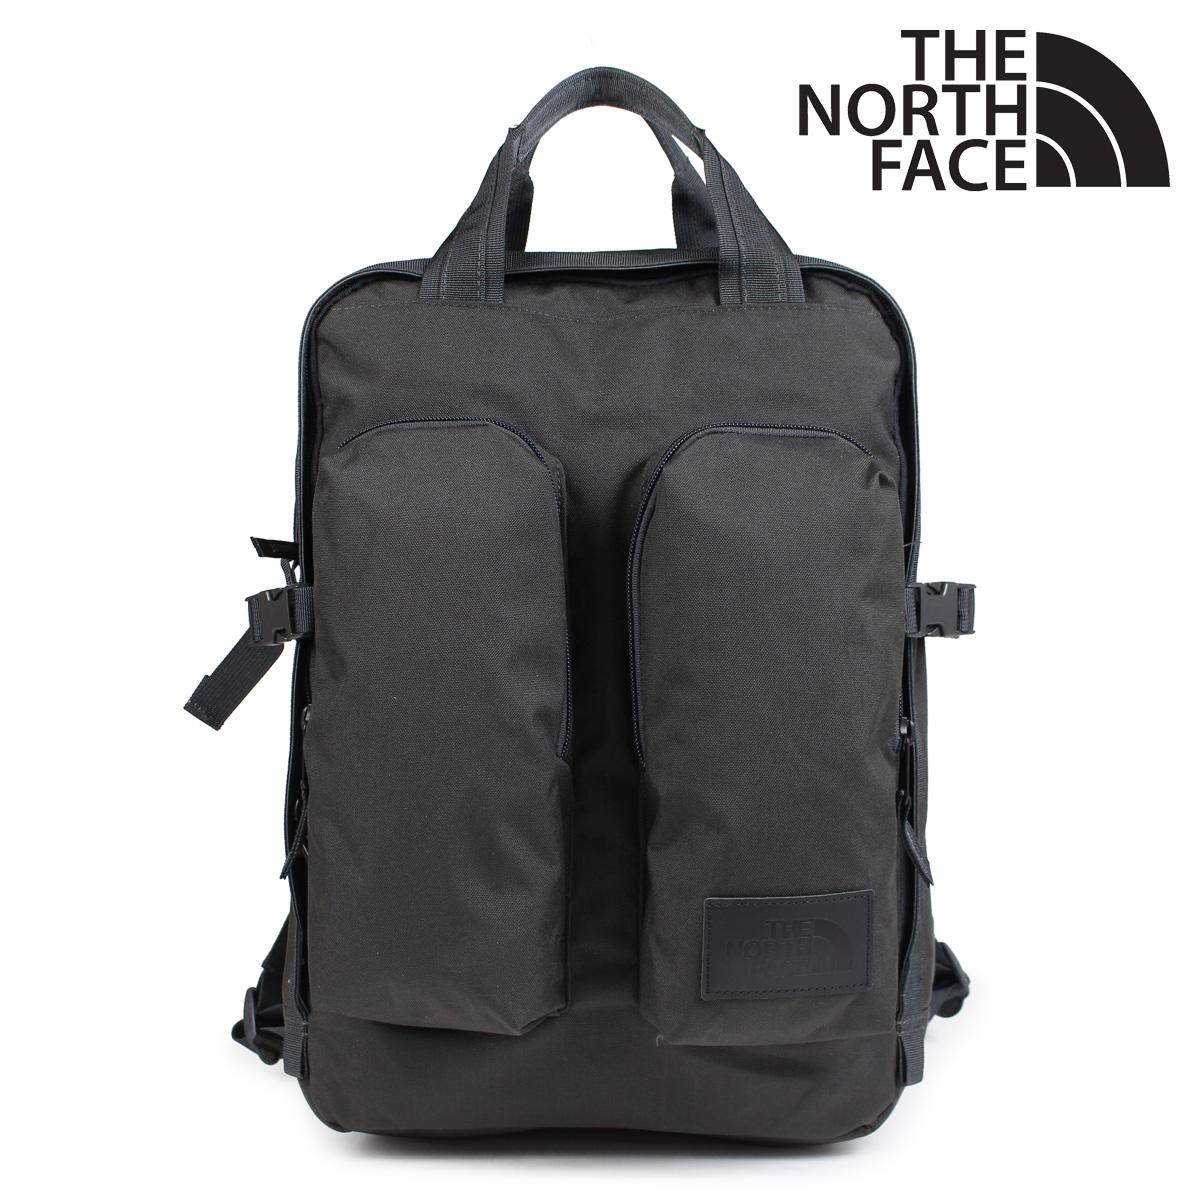 THE NORTH FACE MINI CREVASSE ザノースフェイス リュック バックパック メンズ T93G8LMN1 ダークグレー